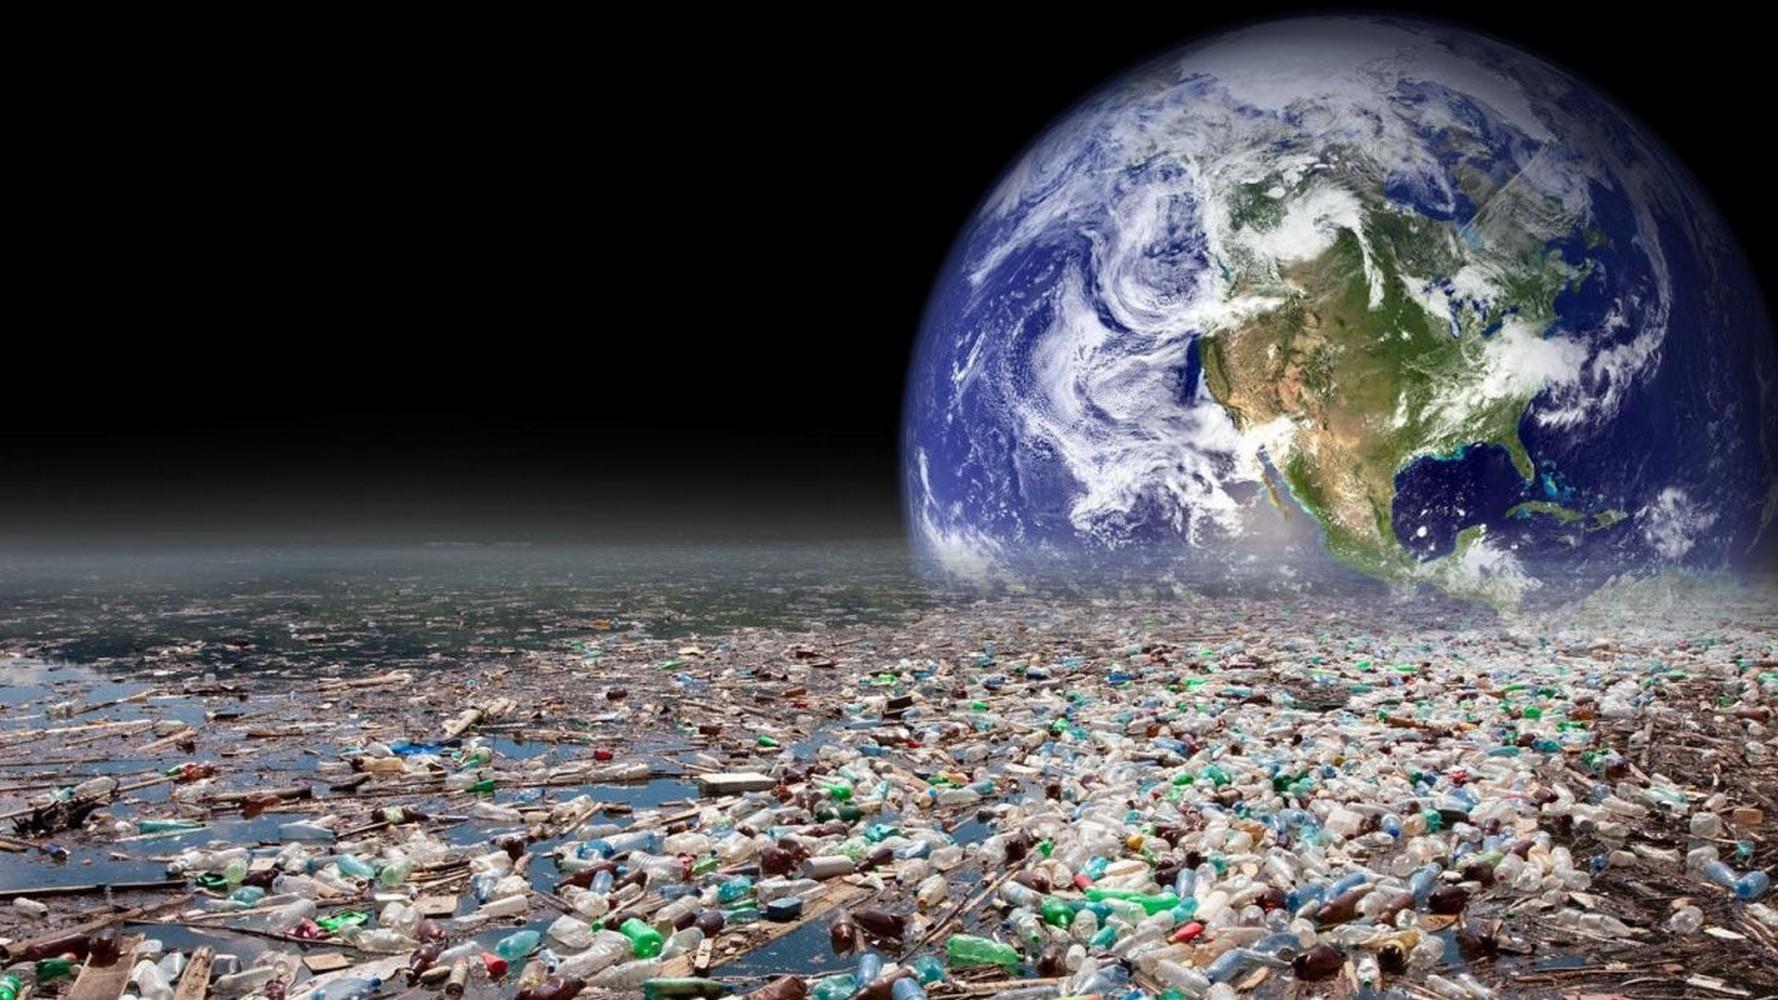 мусор в космосе